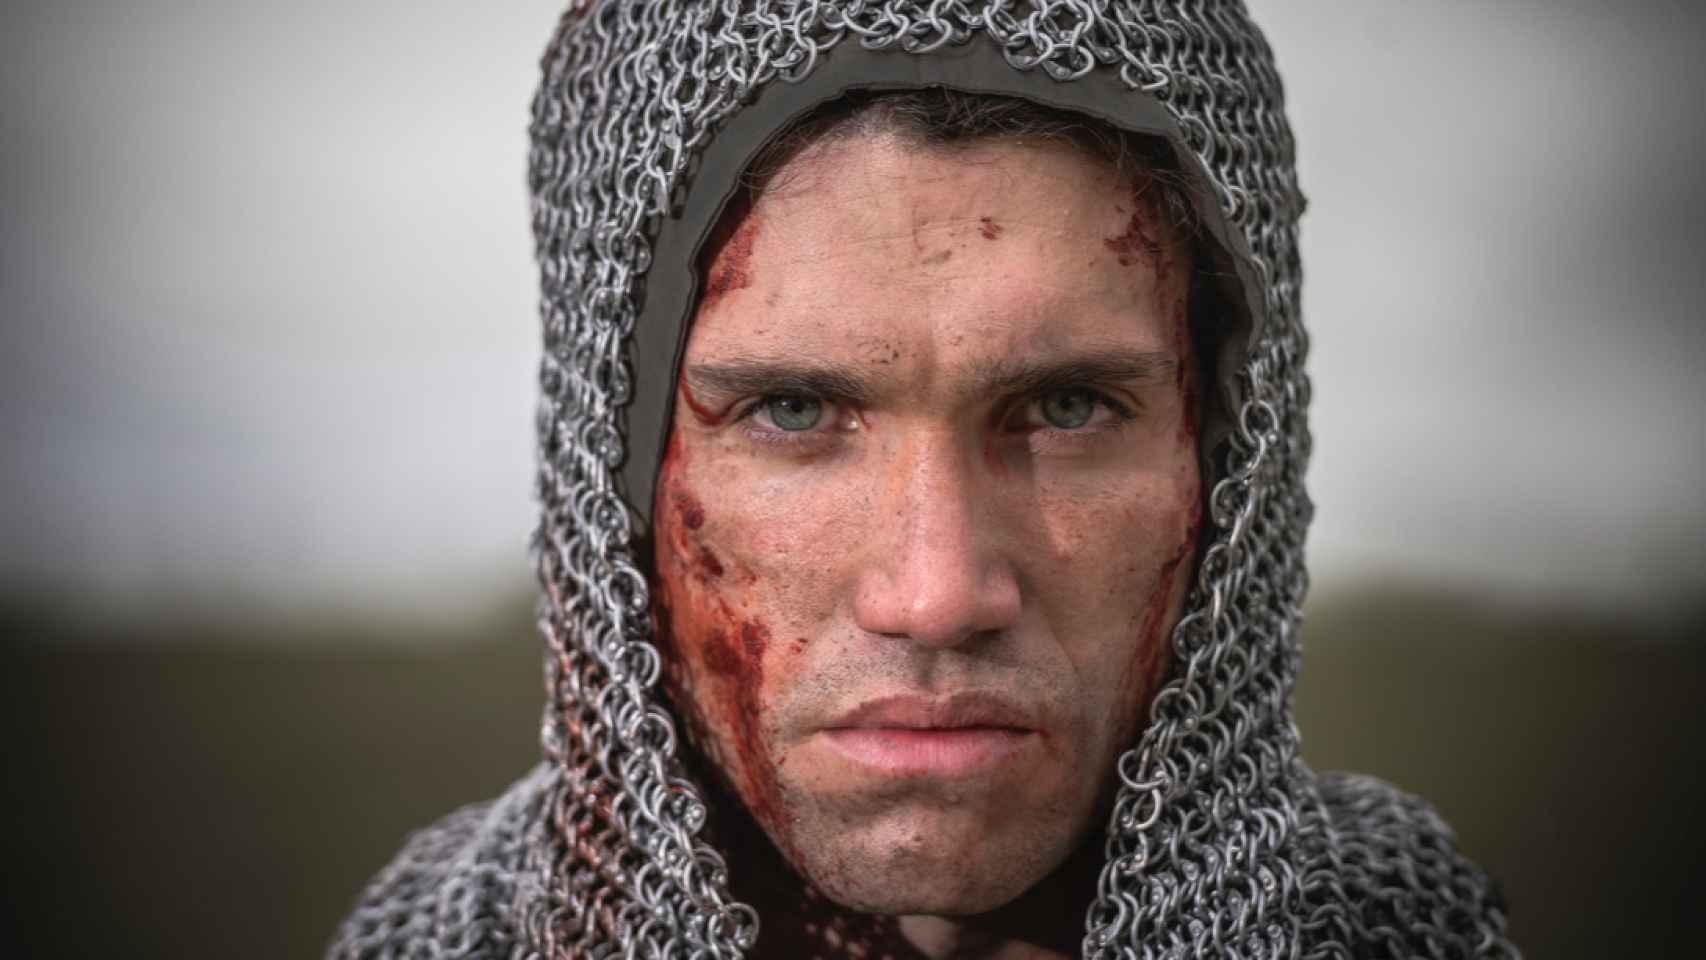 Jaime Lorente en la temporada 2 de 'El Cid'.